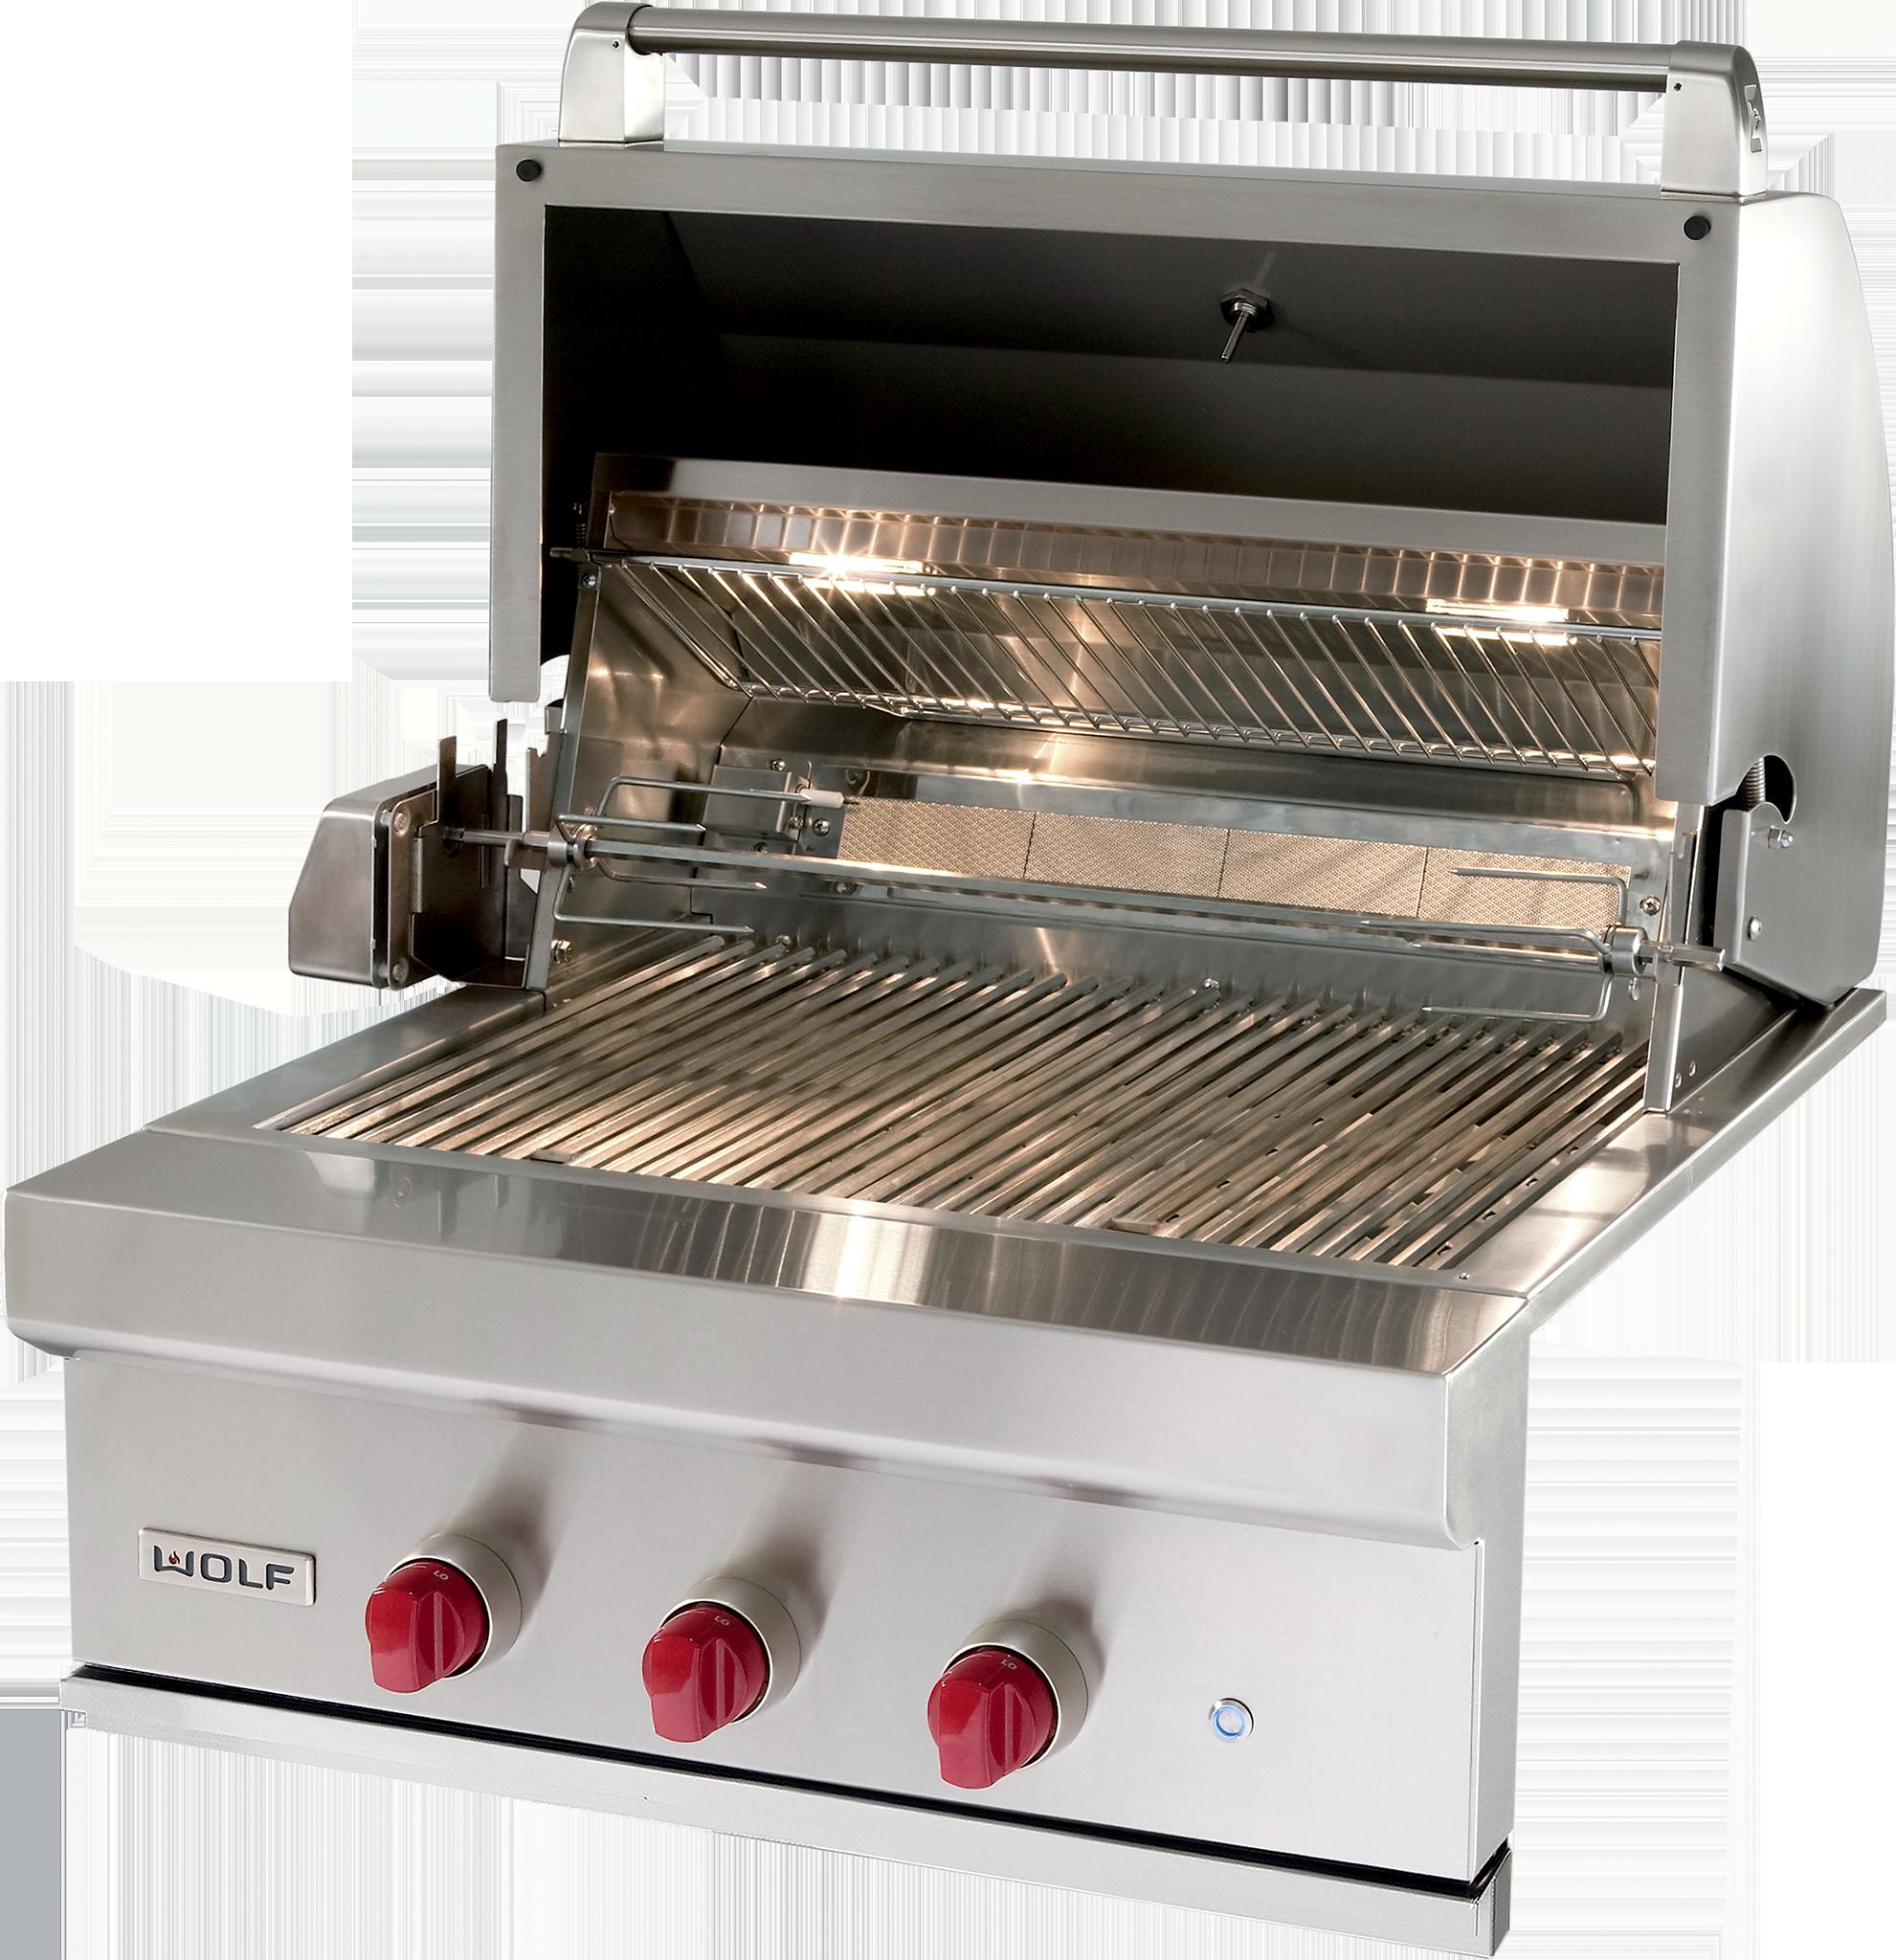 Asadores cocina exterior electrodom sticos sub zero y wolf - Cocinas wolf ...